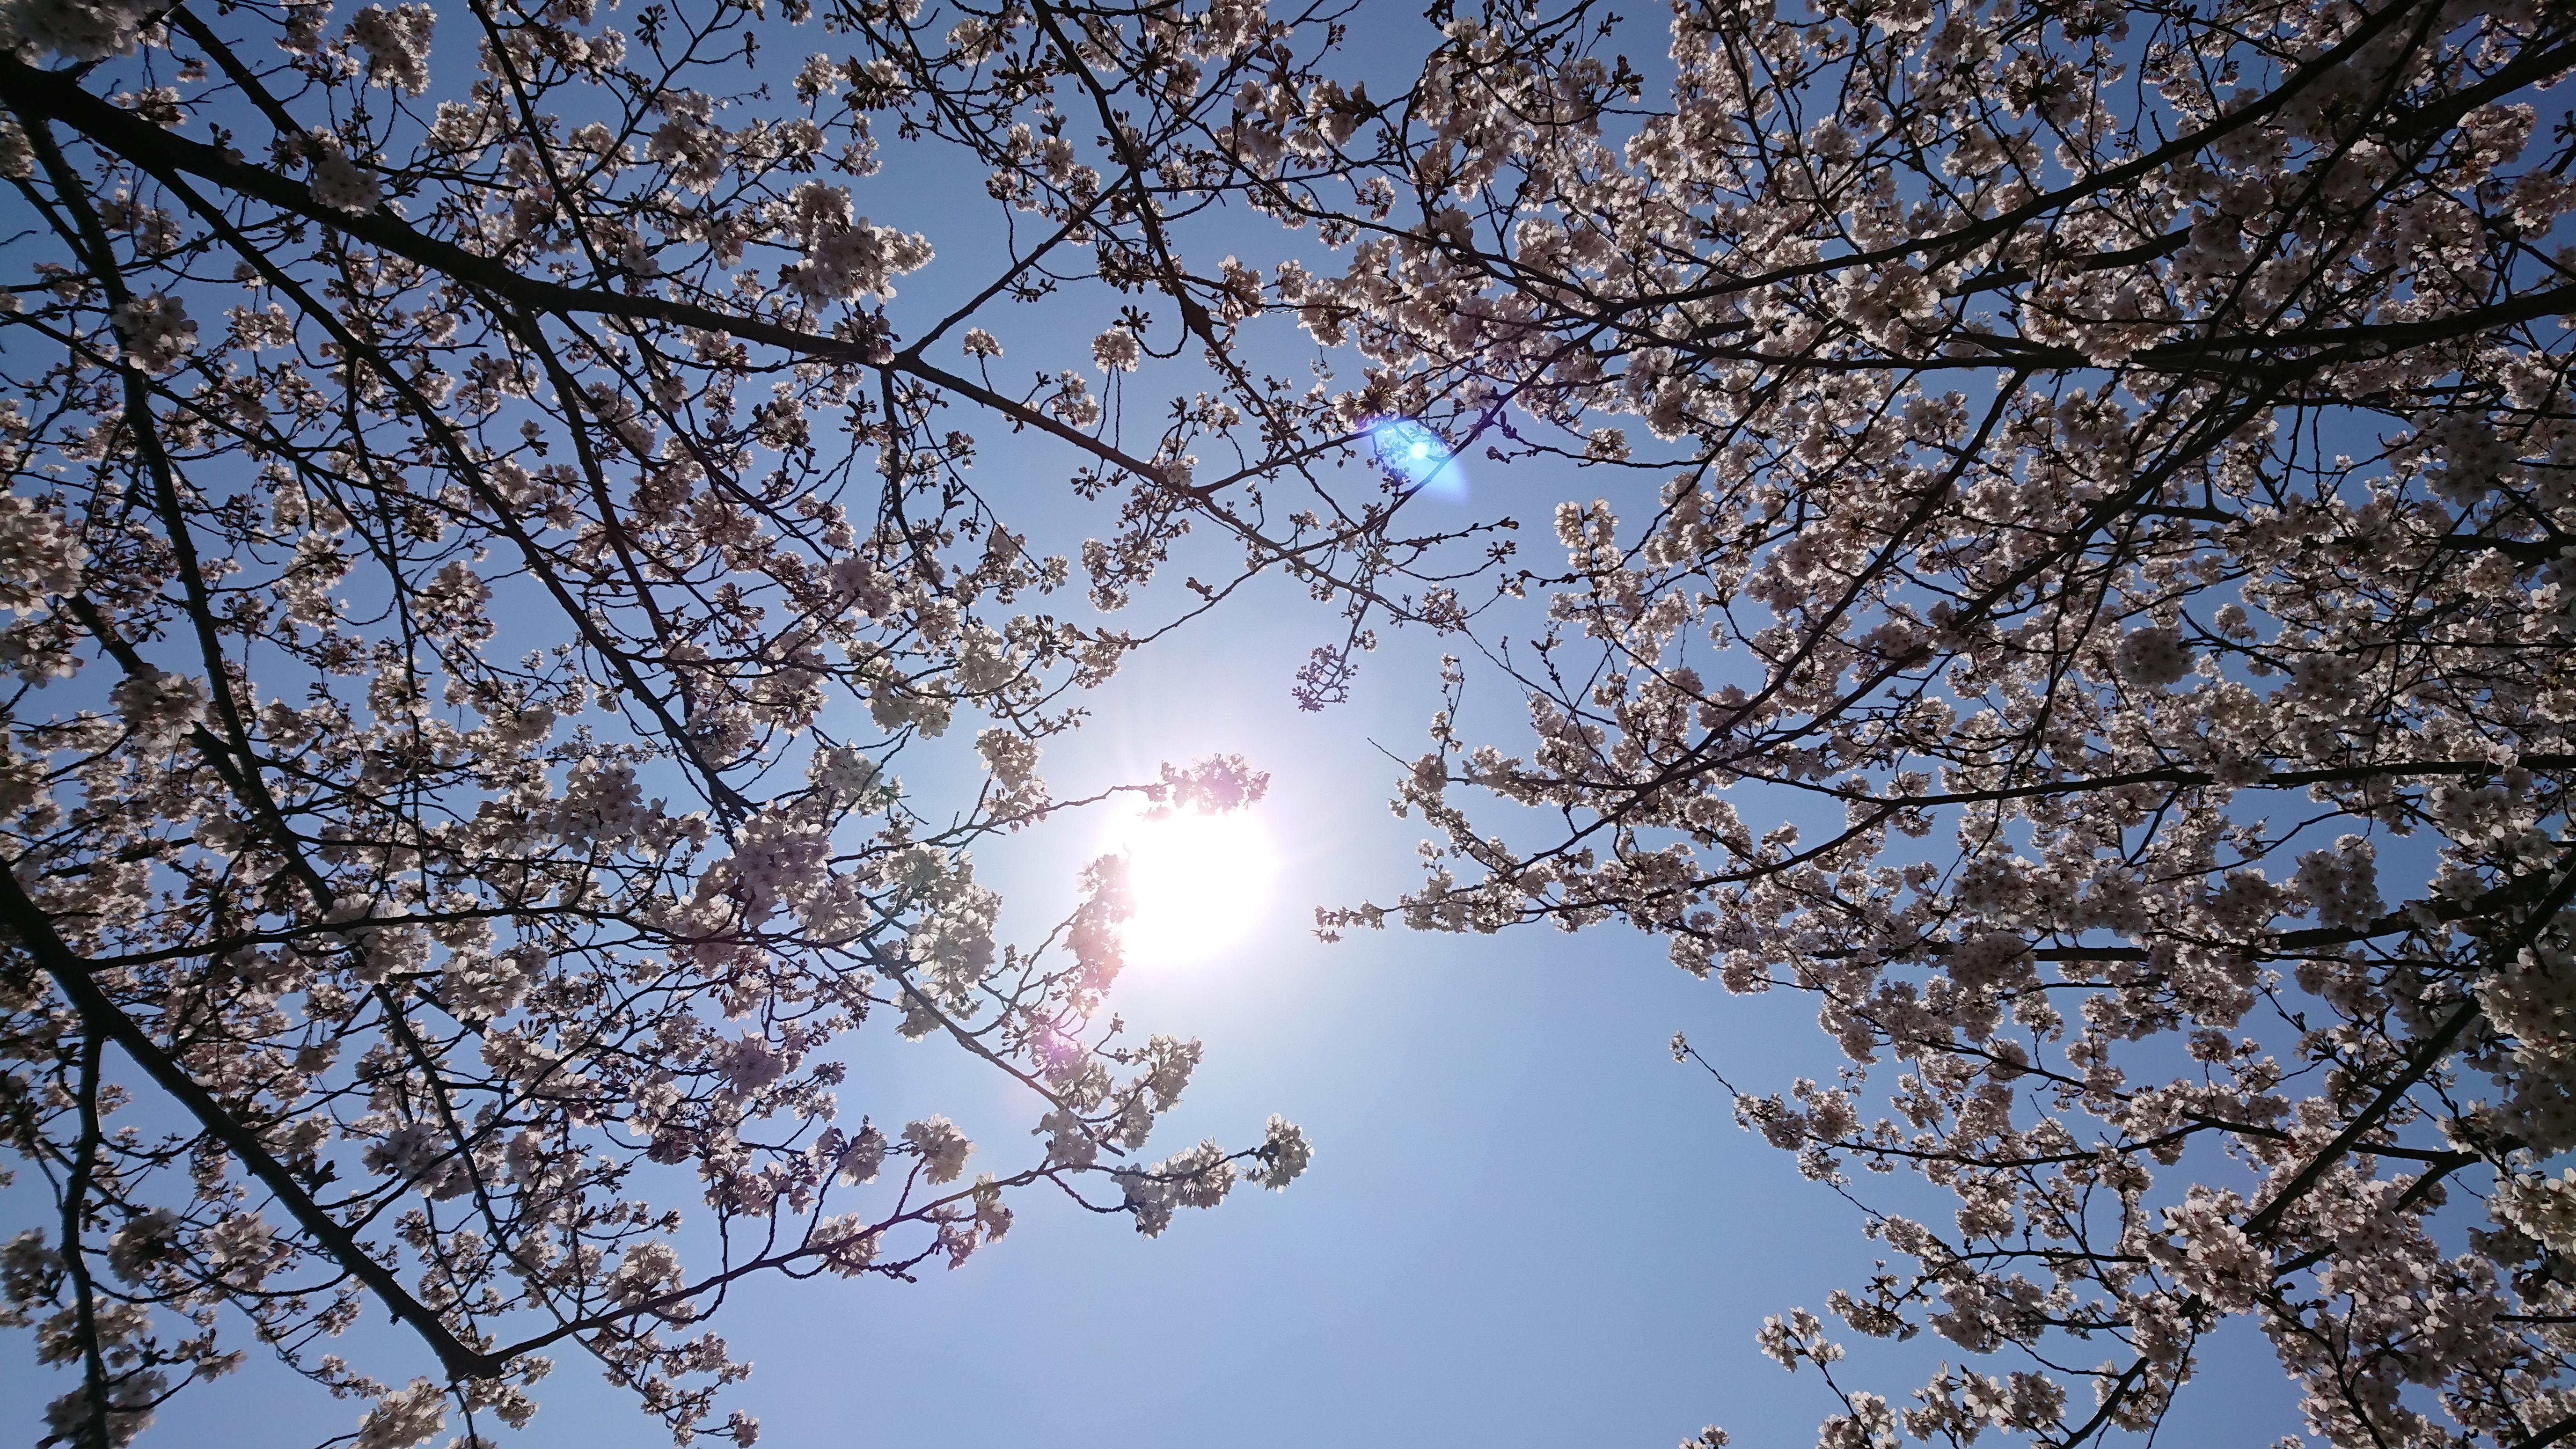 桜の木と共にグラウンディングする